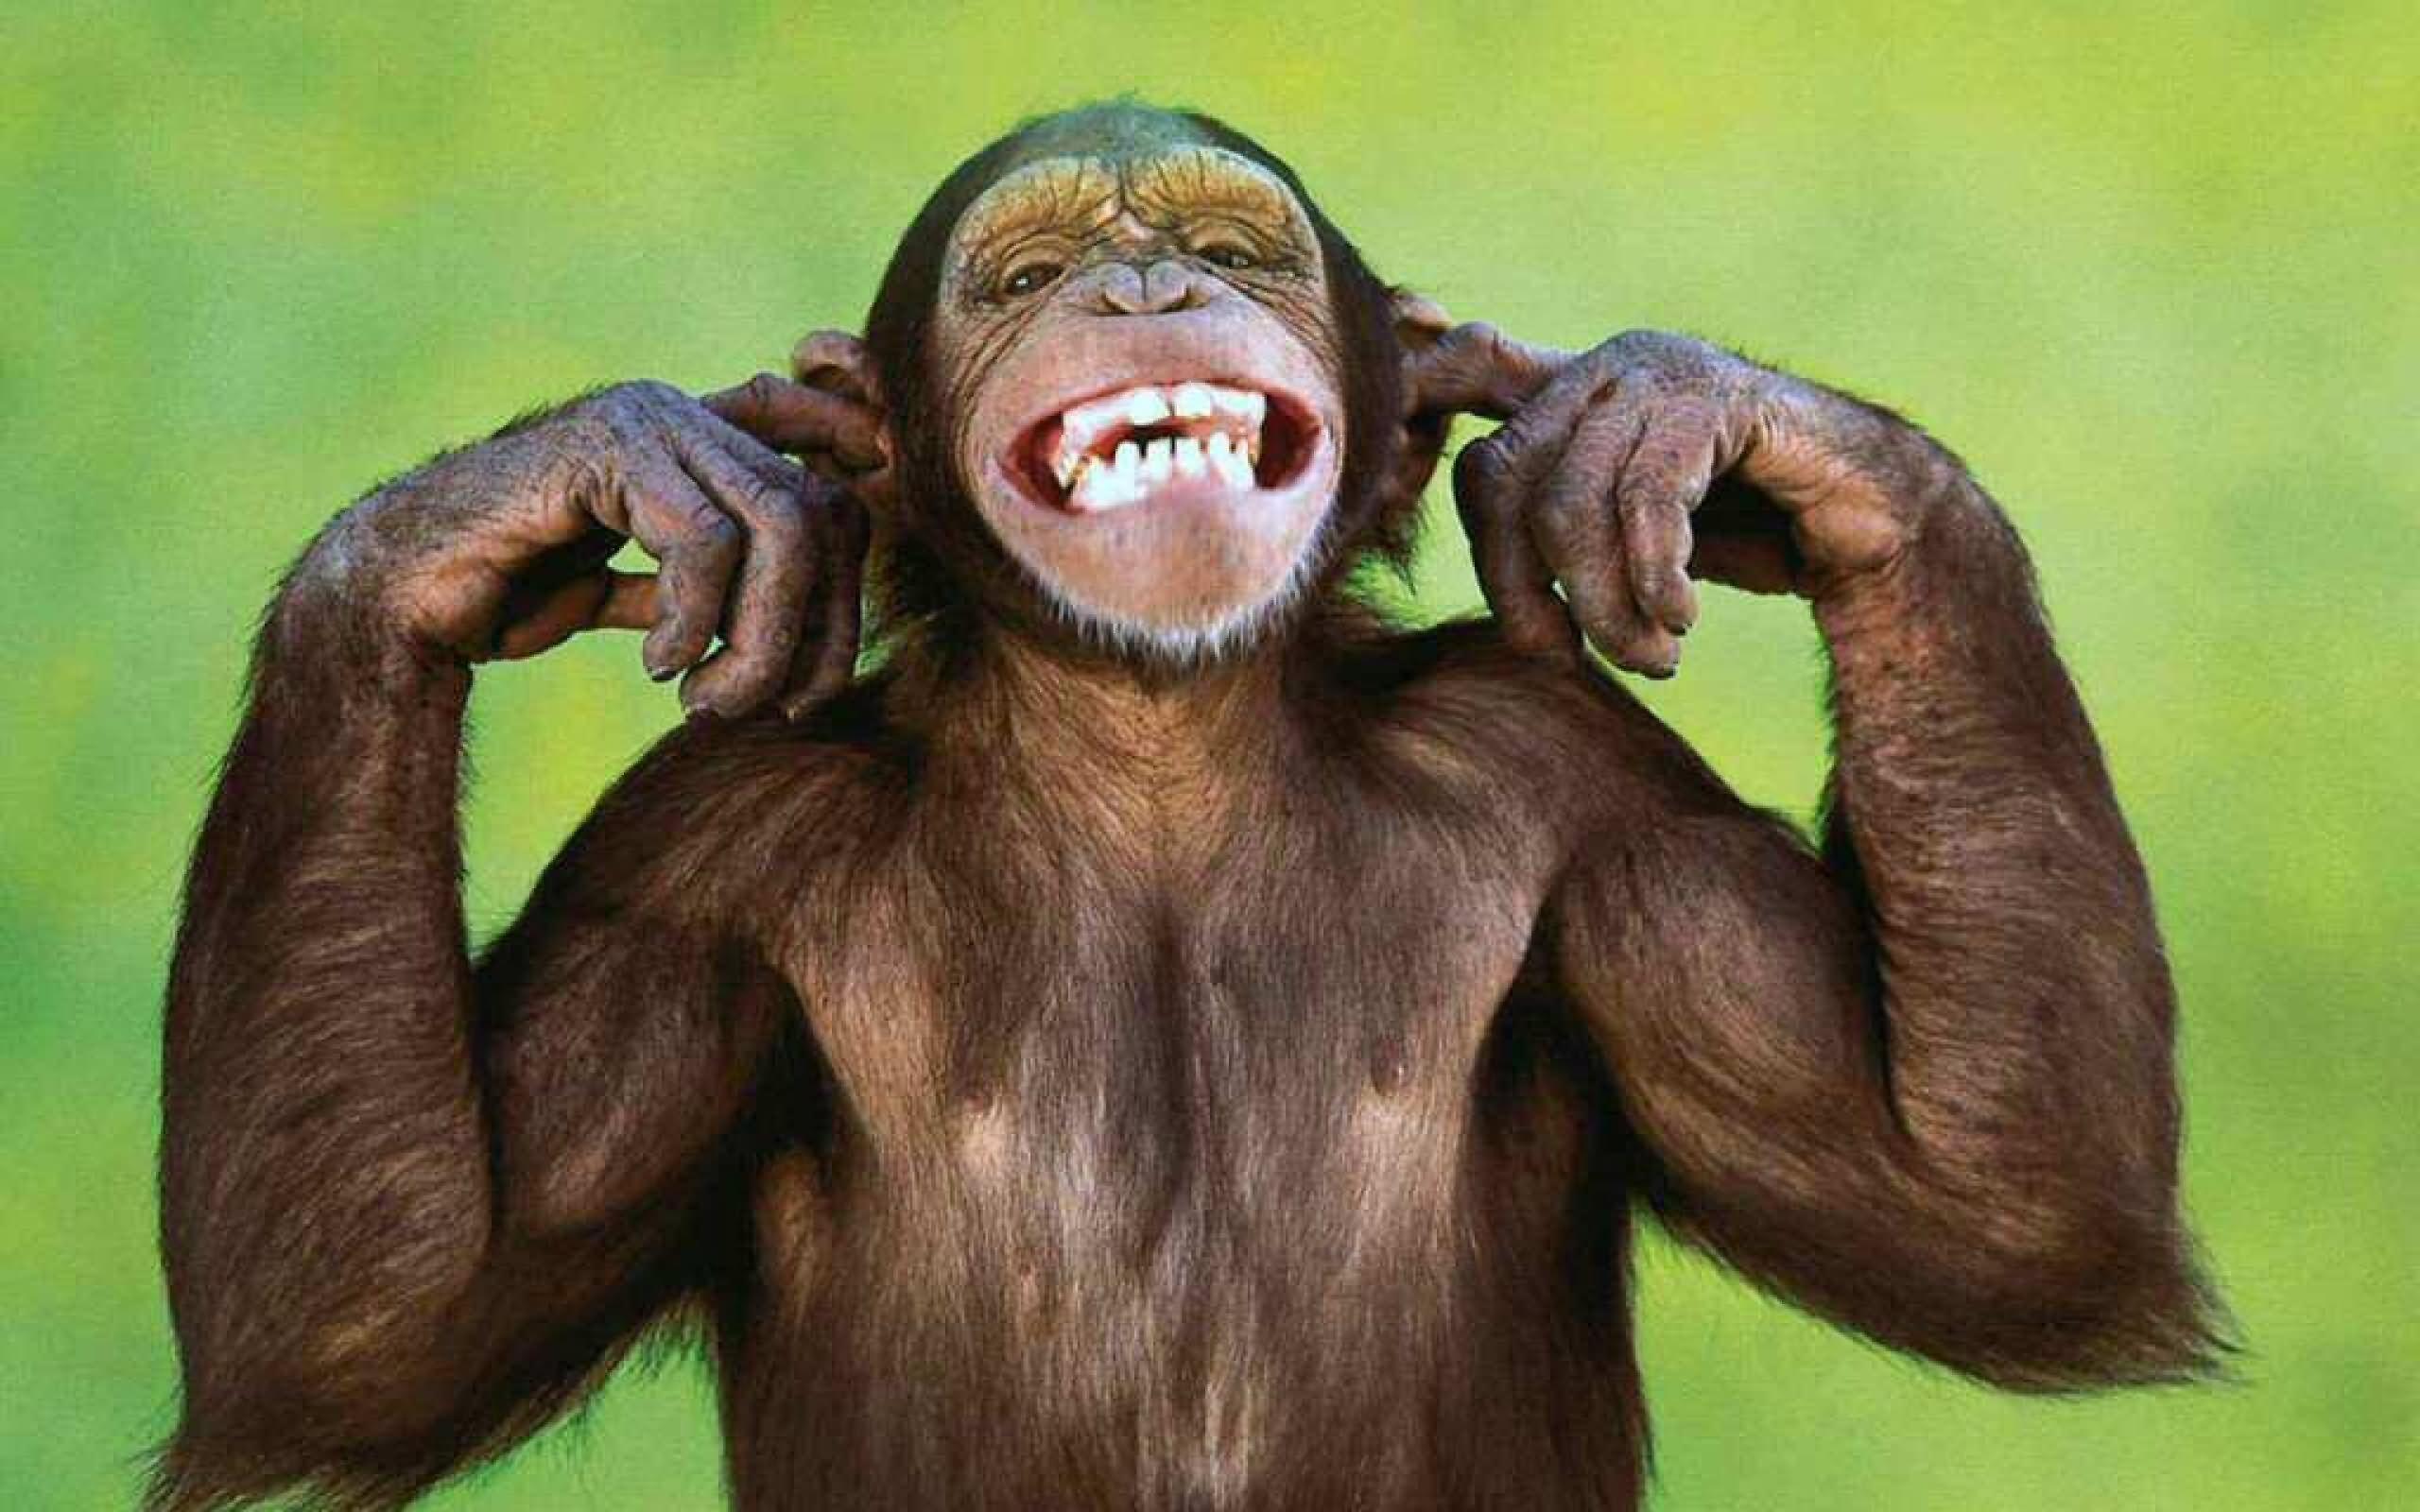 Funny-Monkey-Fingers-In-Ears.jpg